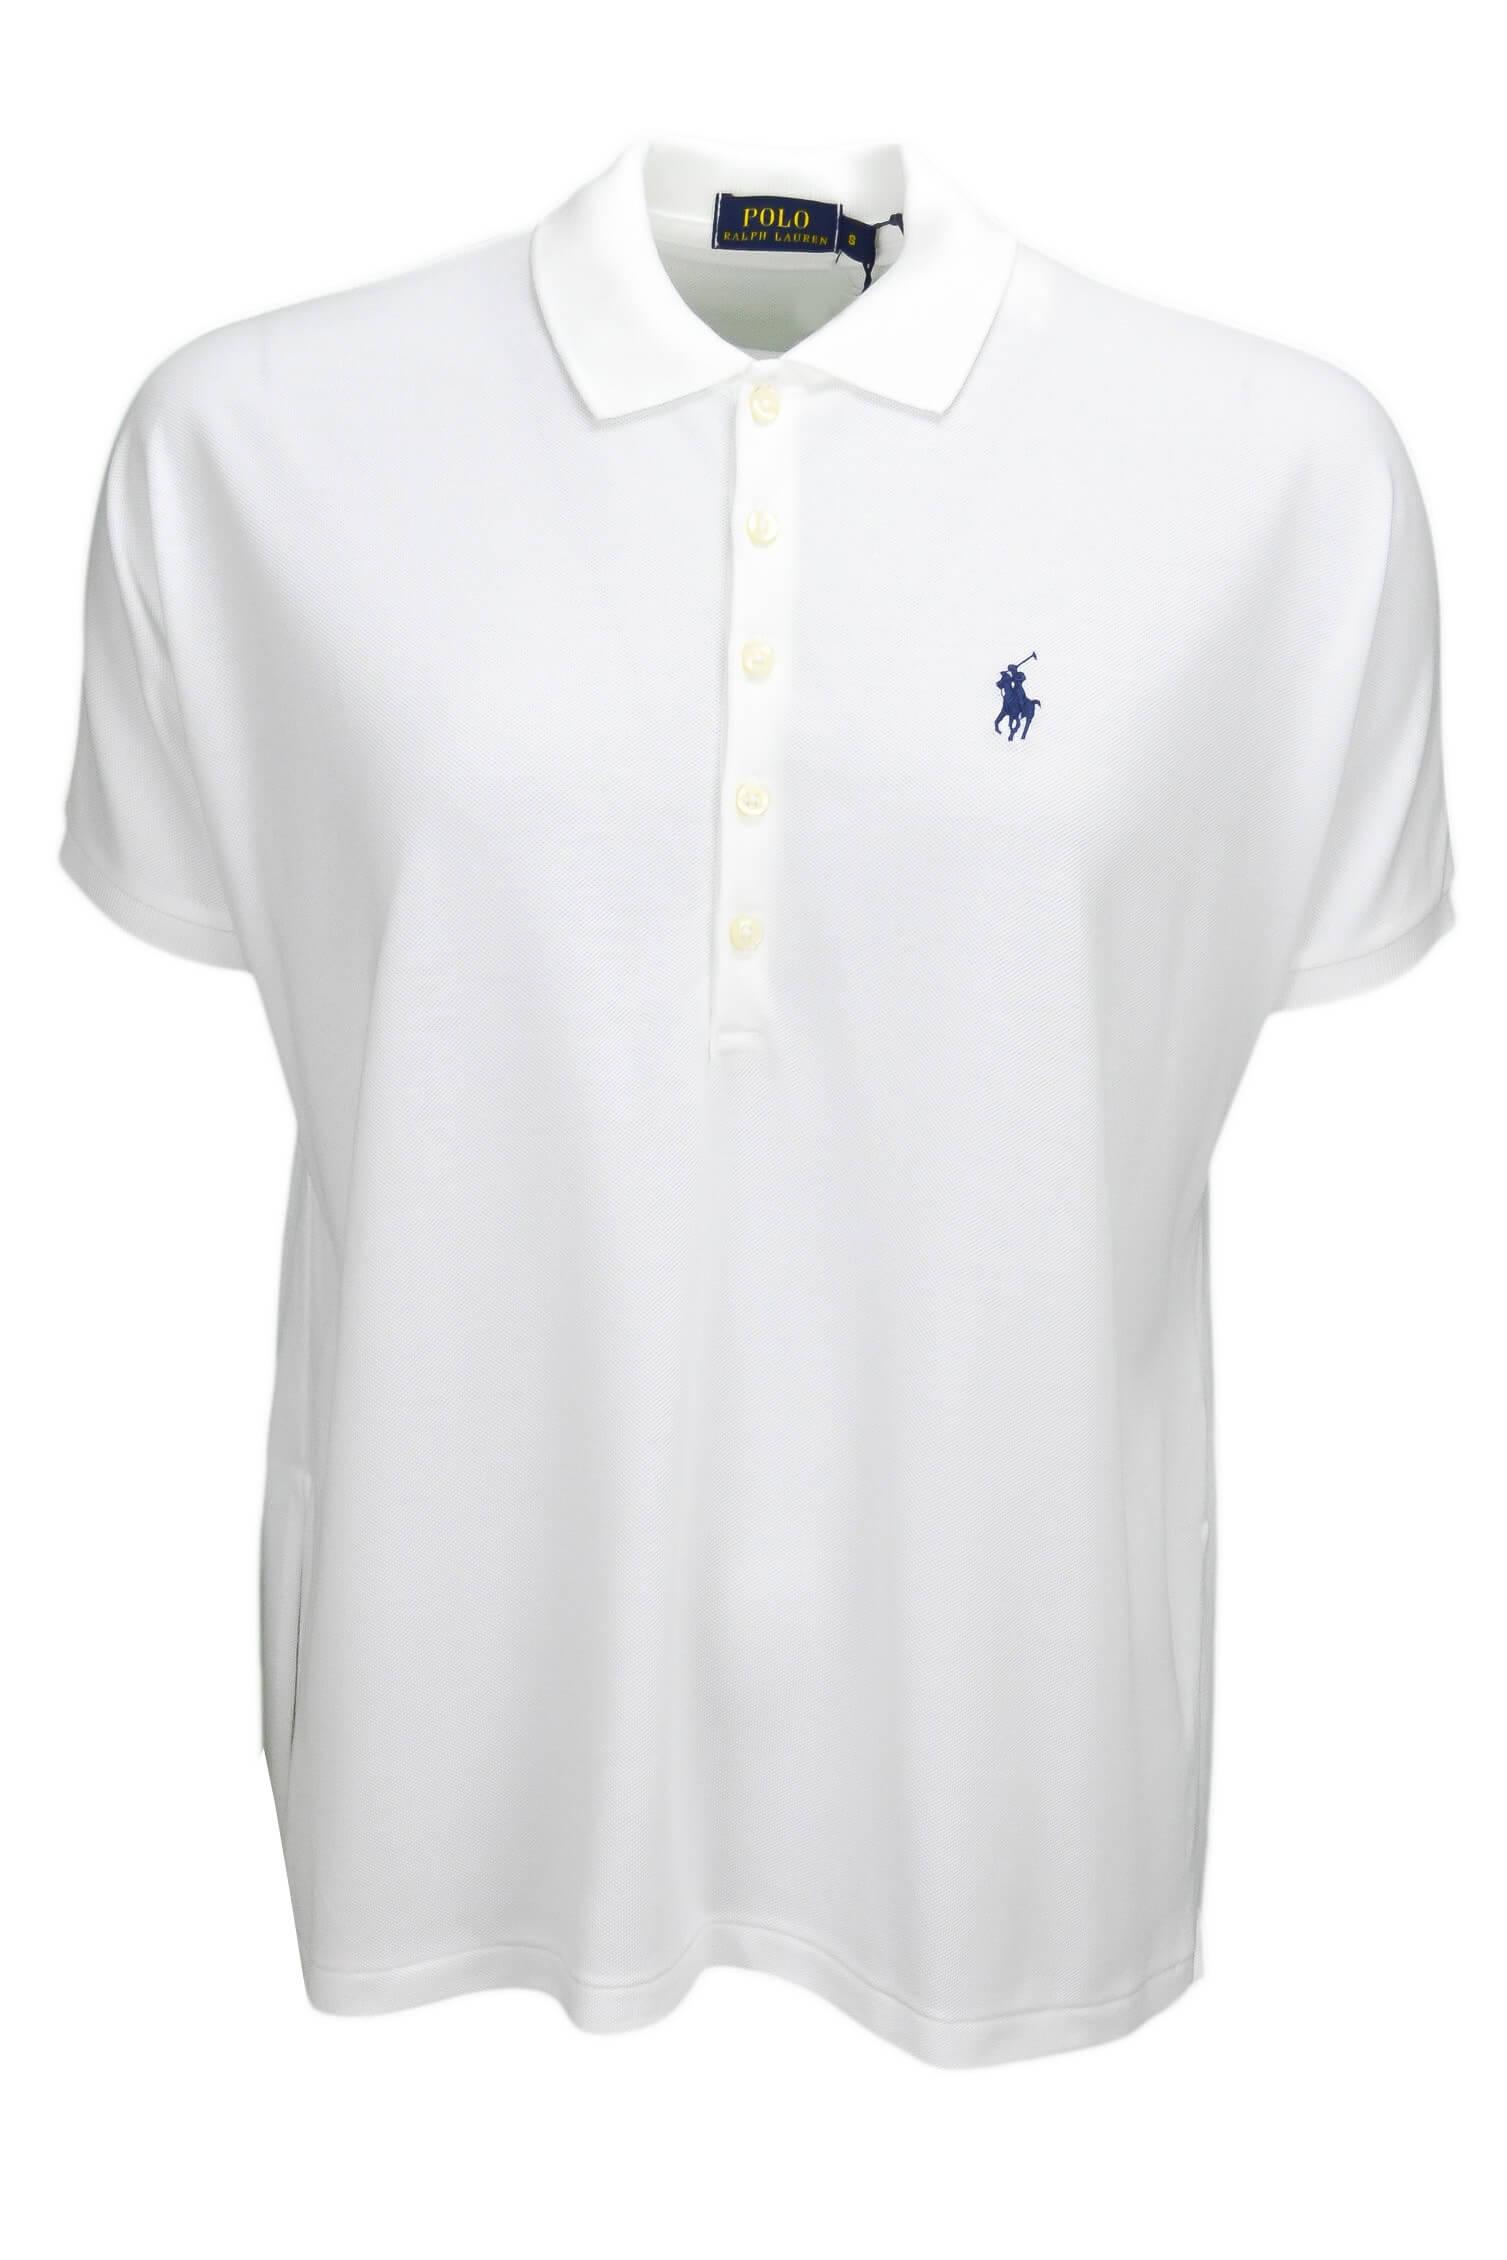 Polo Ralph Lauren ample blanc pour femme Toujours au meilleur prix !